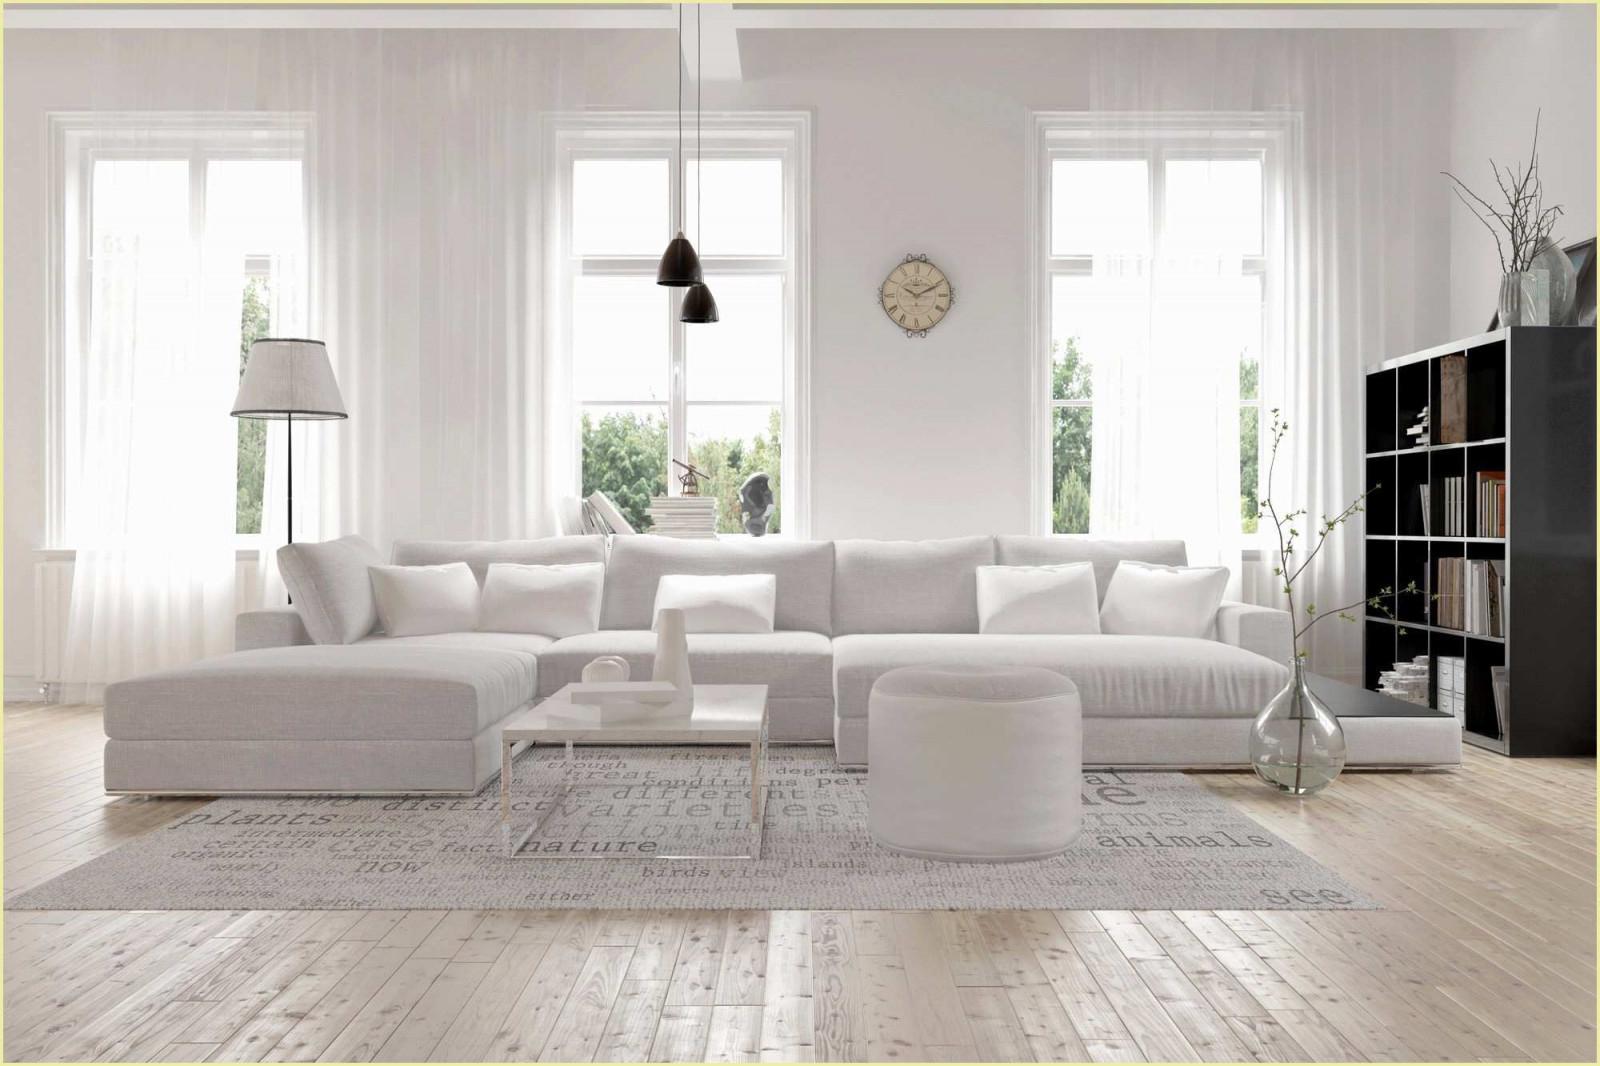 59 Das Beste Von Kleines Wohnzimmer Gestalten Schön  Tolles von Wohnzimmer Schön Gestalten Bild